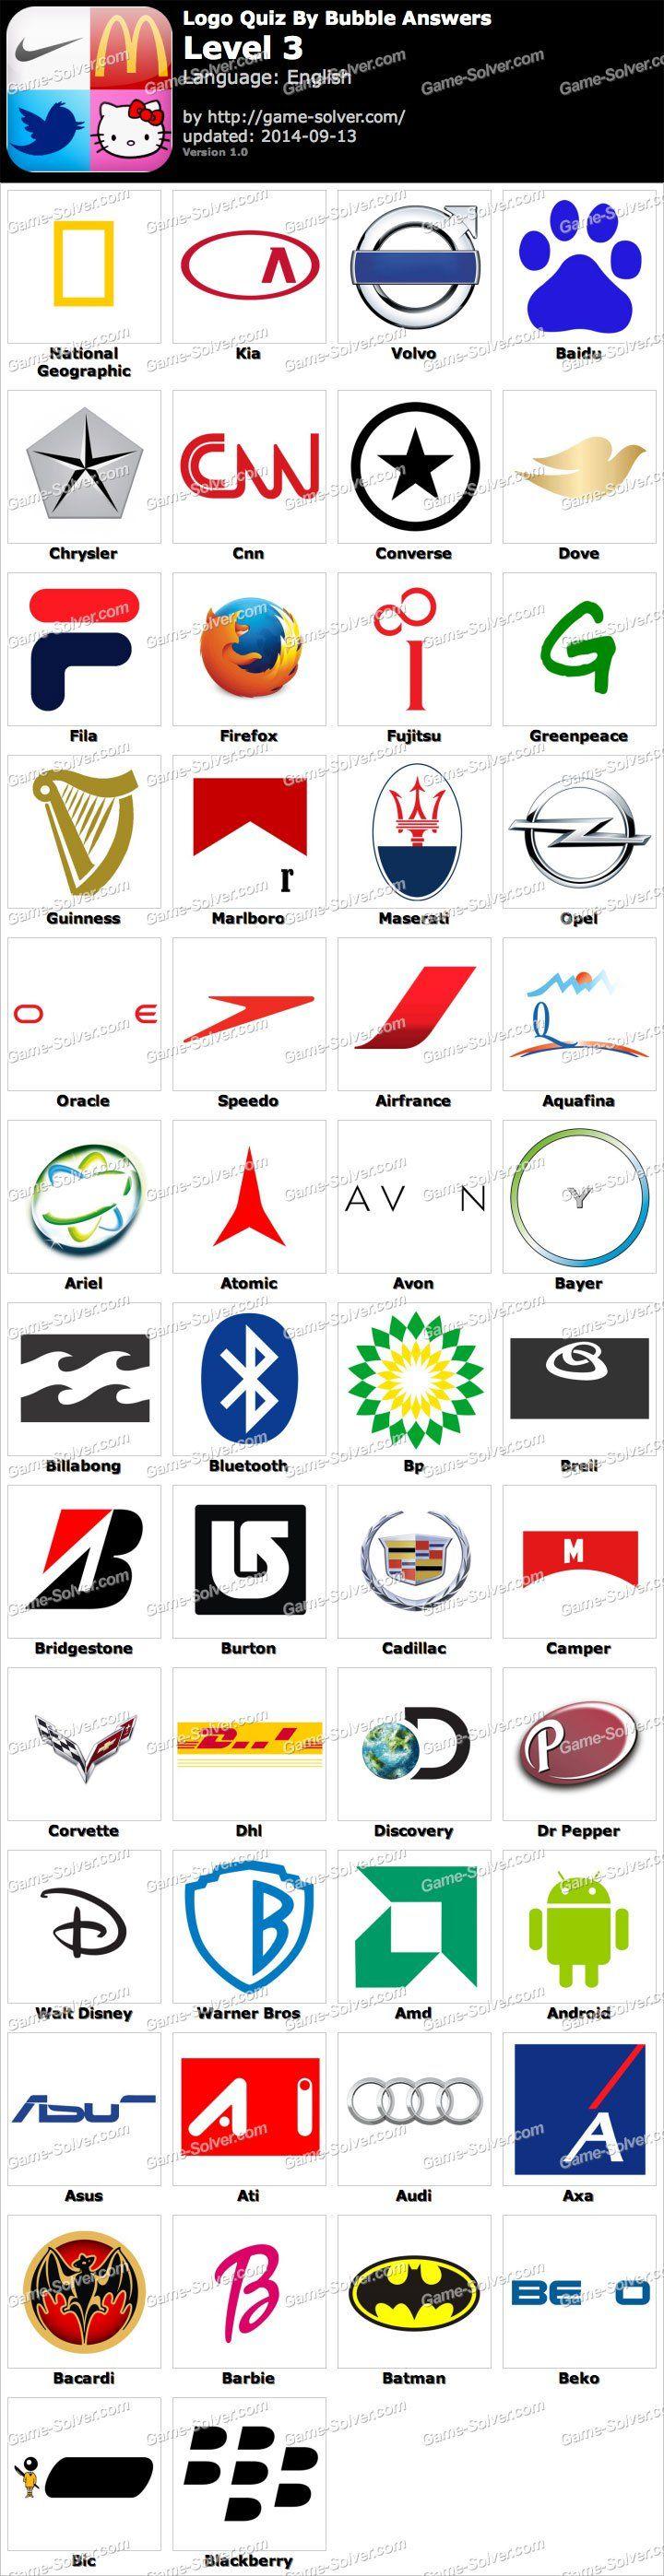 Logos Level 3 : logos, level, Bubble, Answers, Level, Quiz,, Answers,